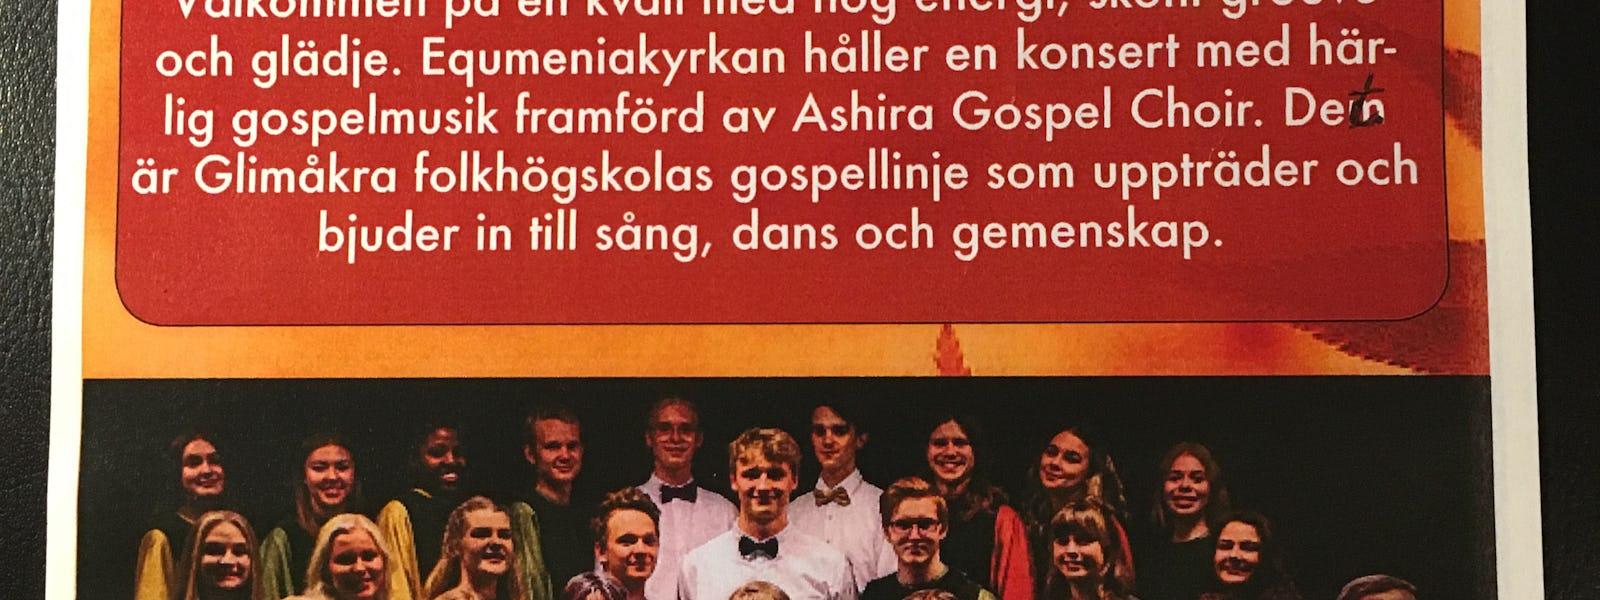 Bild - Gospelkonsert med kör från Glimåkra folkhögsk